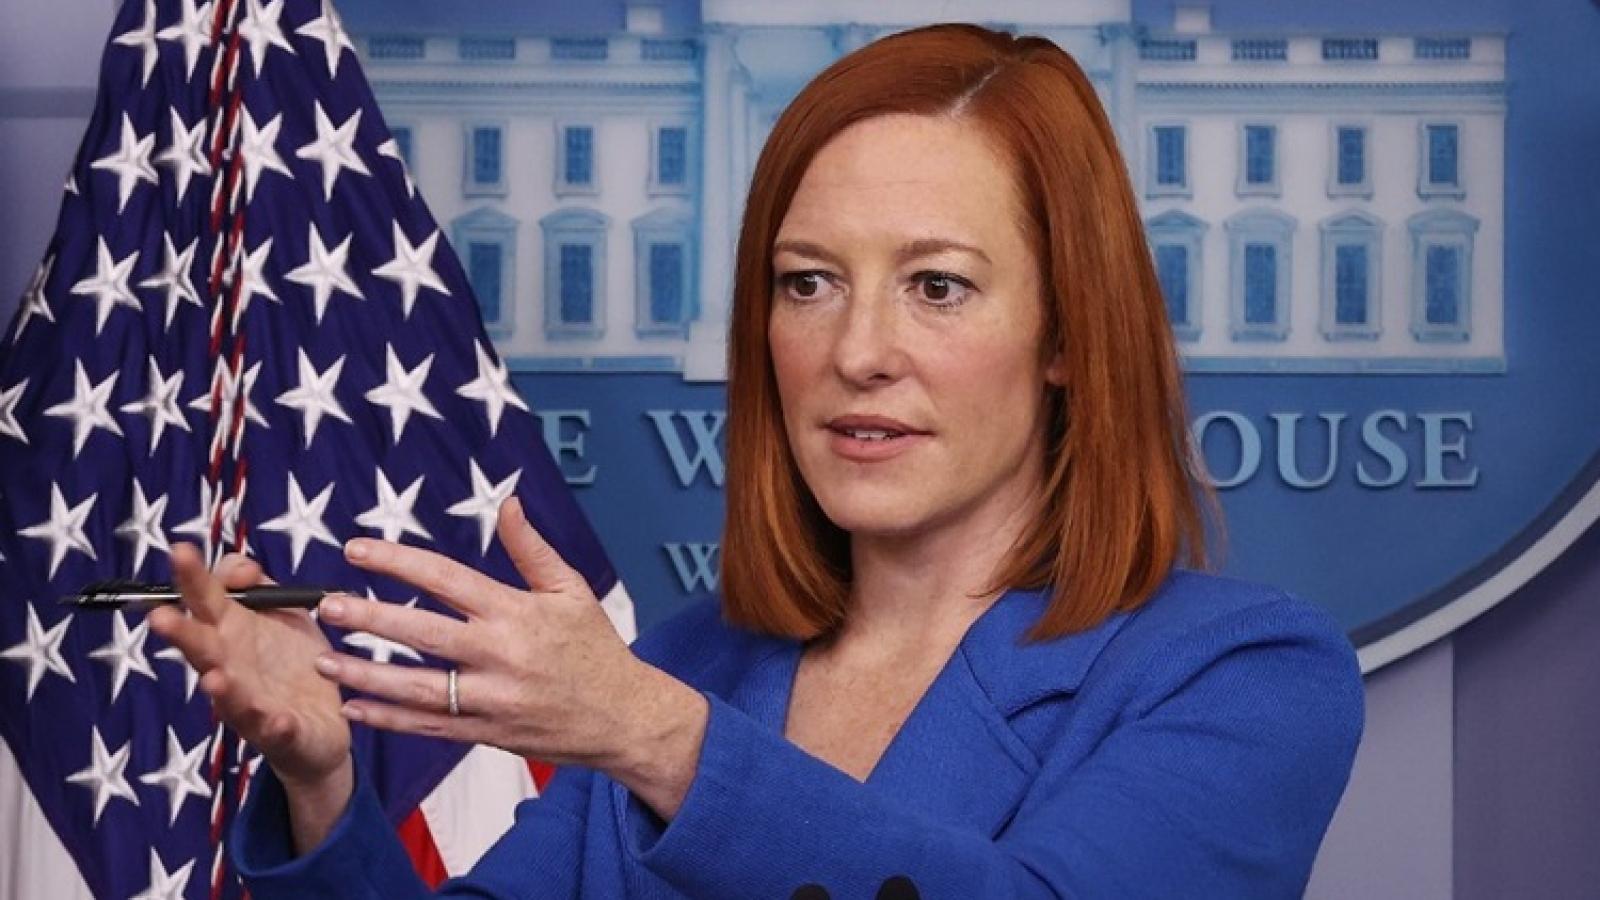 Mỹ xem xét chính sách ngoại giao với Triều Tiên nhằm phi hạt nhân hóa